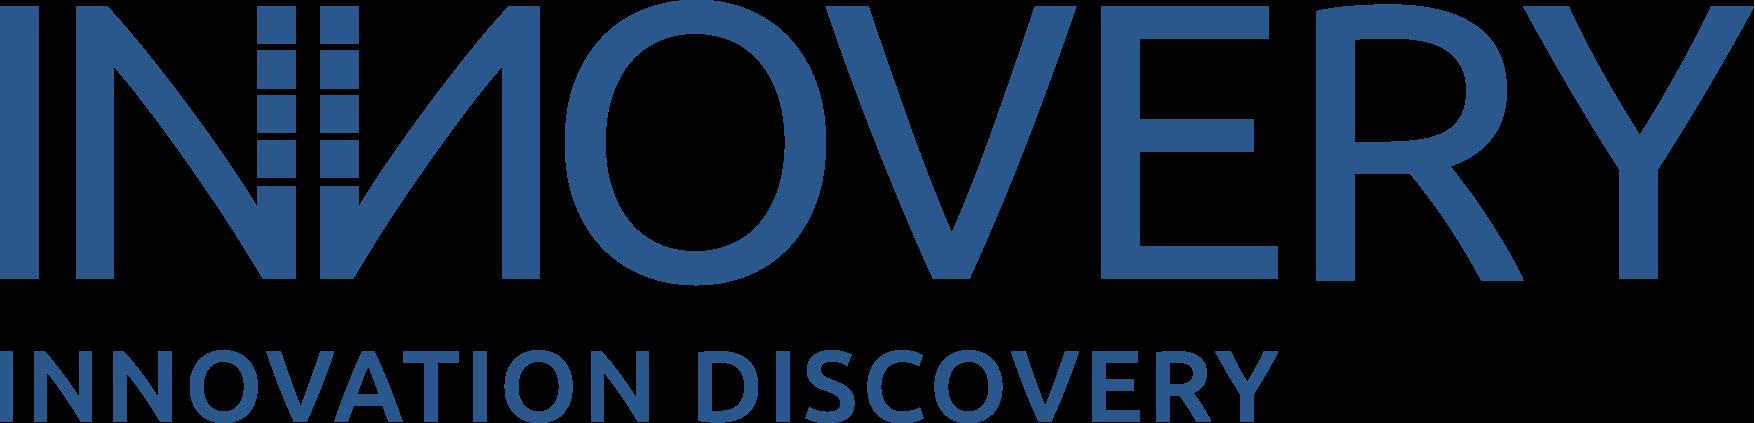 logo innovery